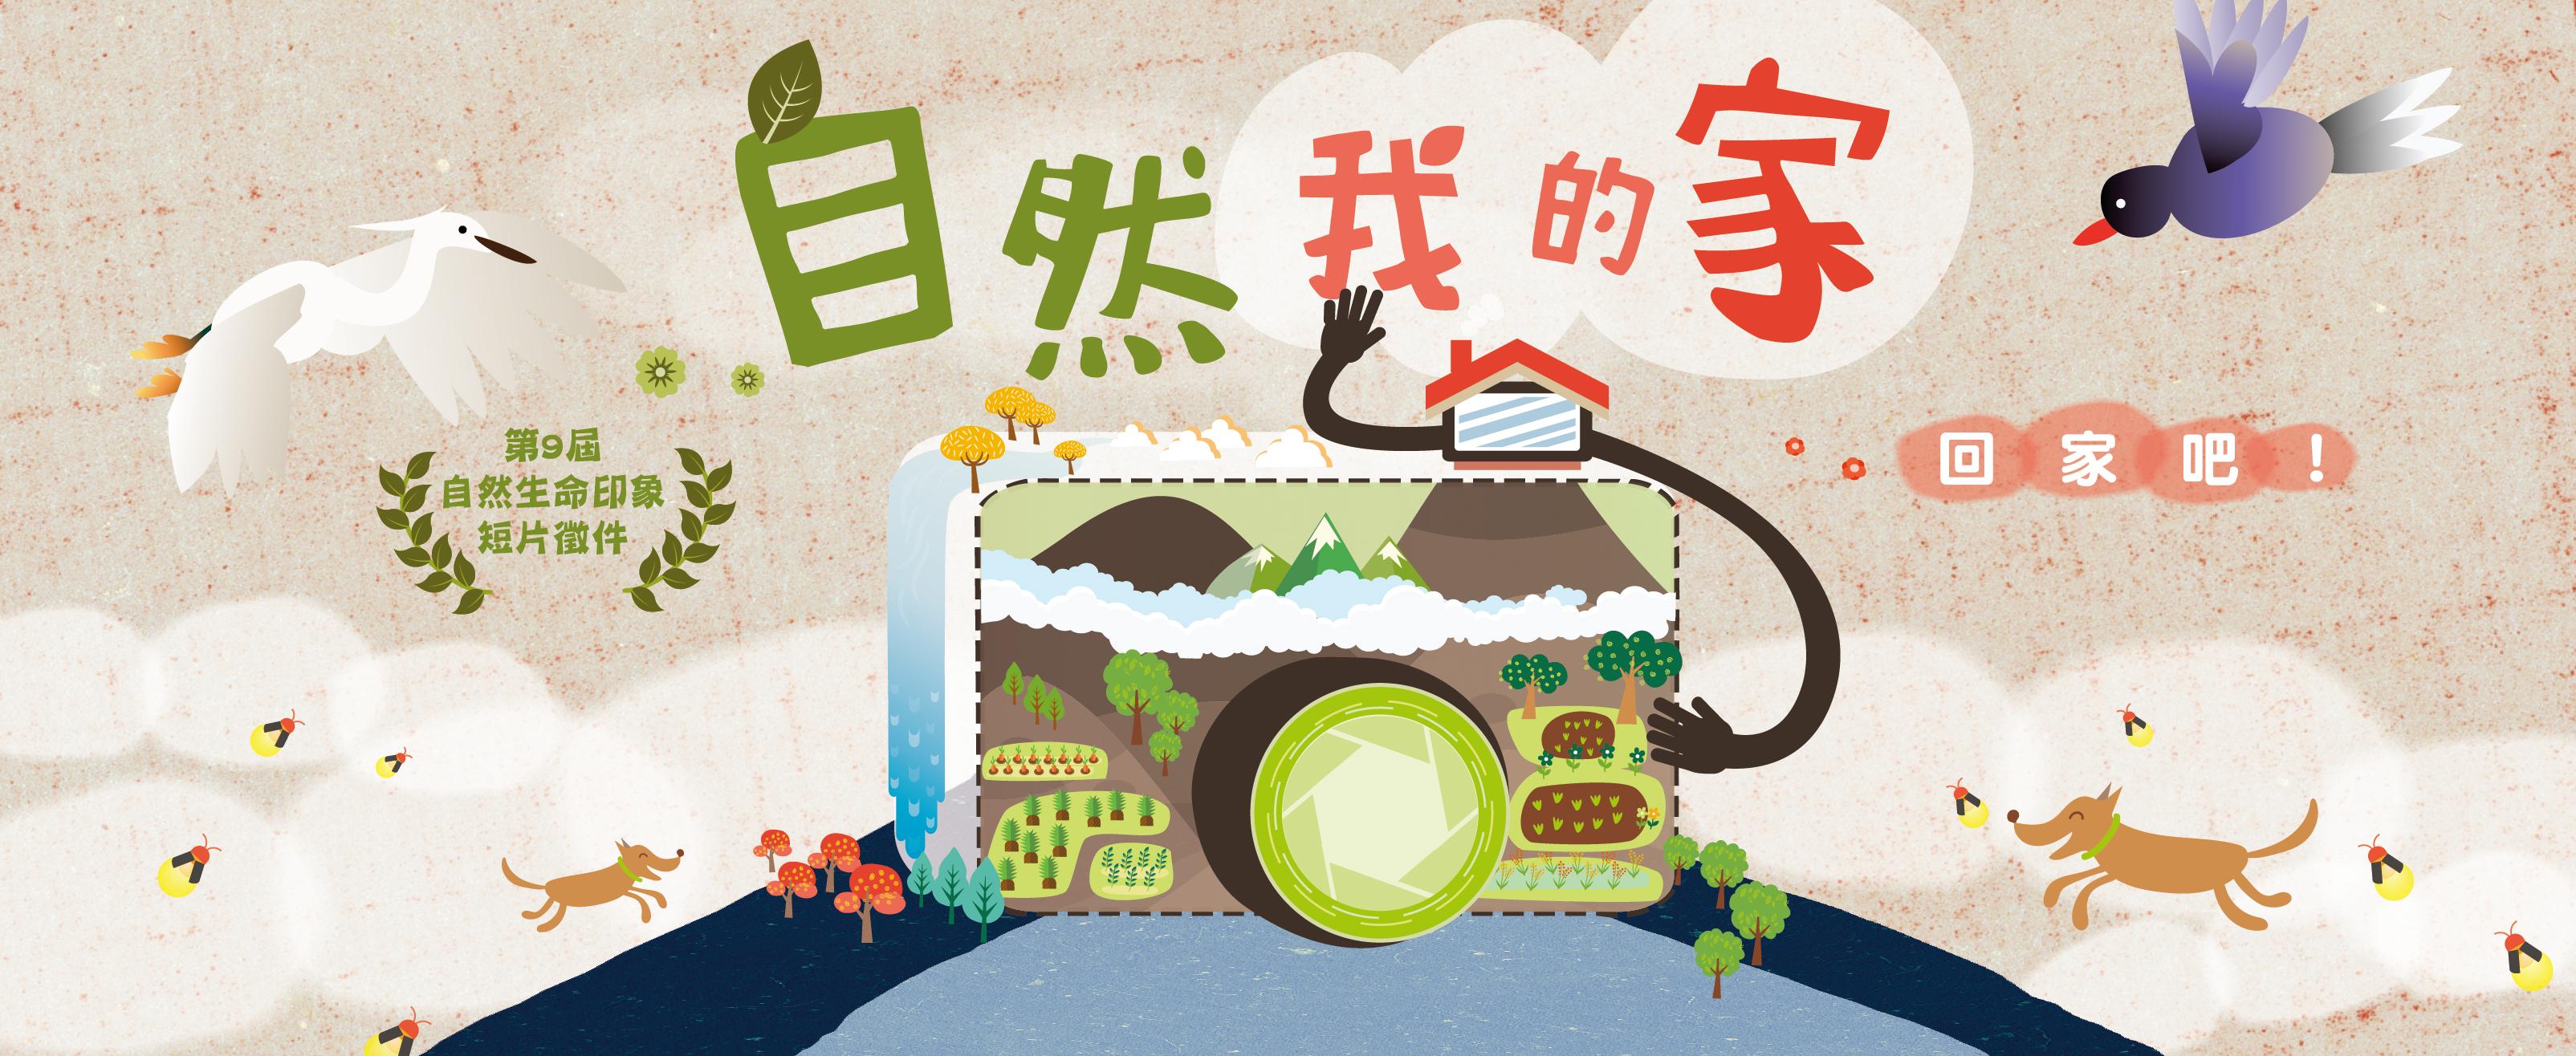 第九屆自然生命印象短片徵件「自然,我的家」